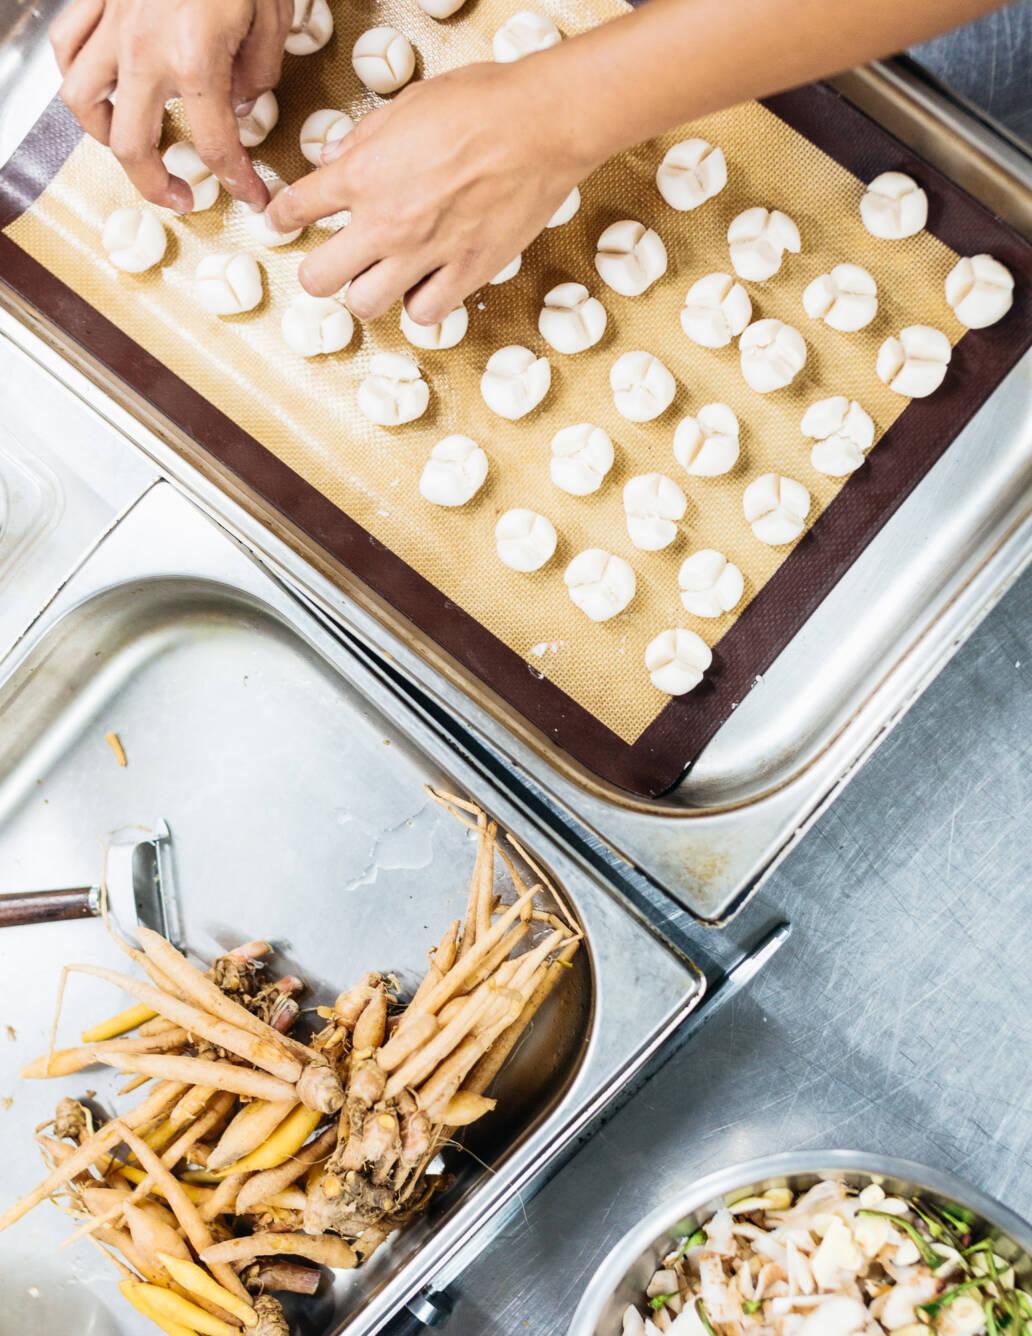 Kitchen — Behind the scenes at Restaurant Bolan